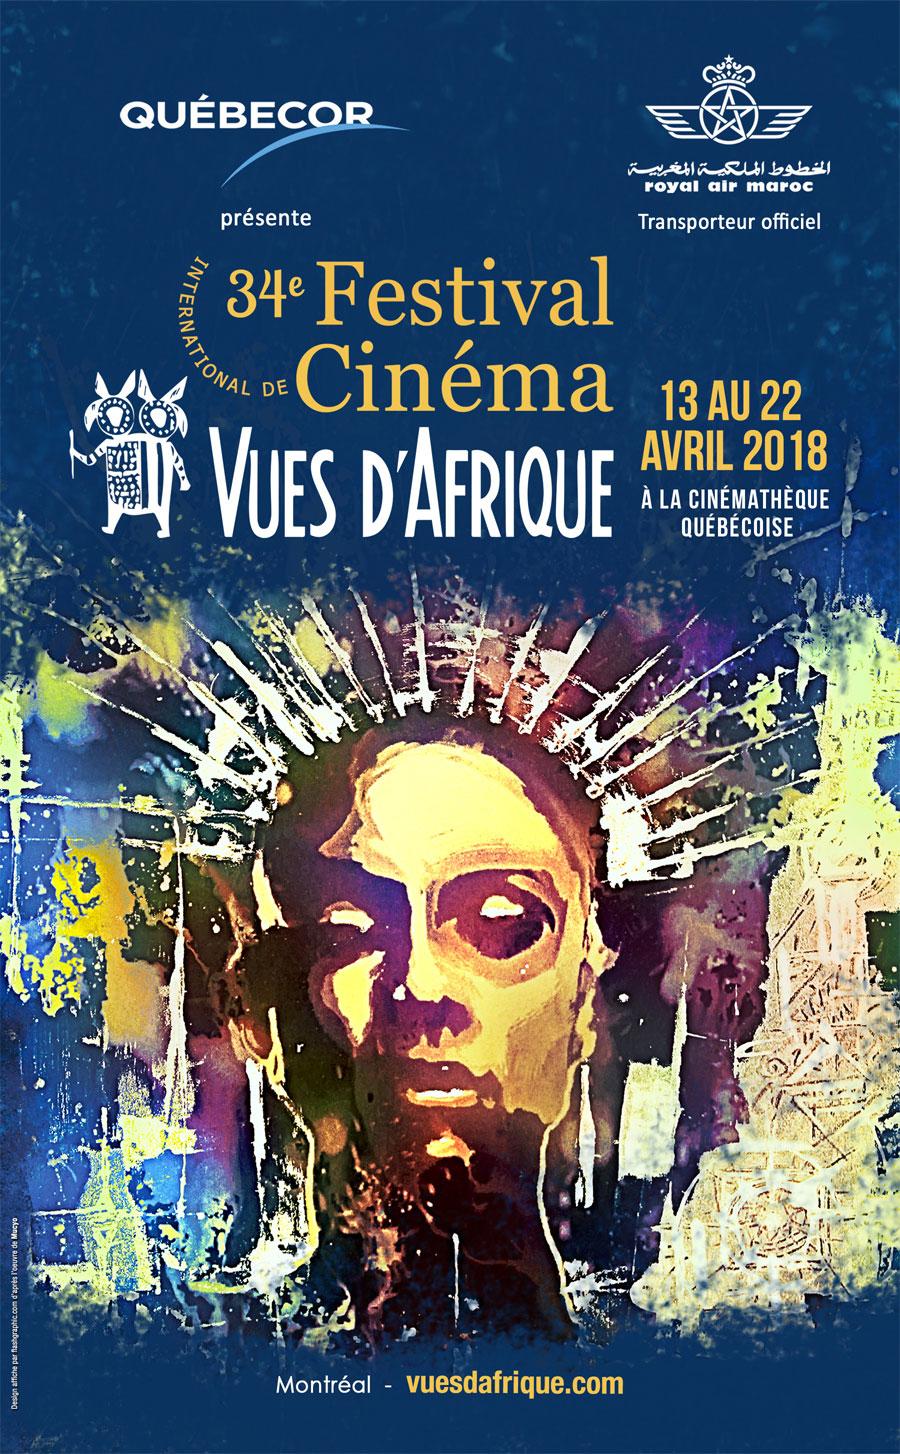 Affiche du Festival Vues d'Afrique 2018